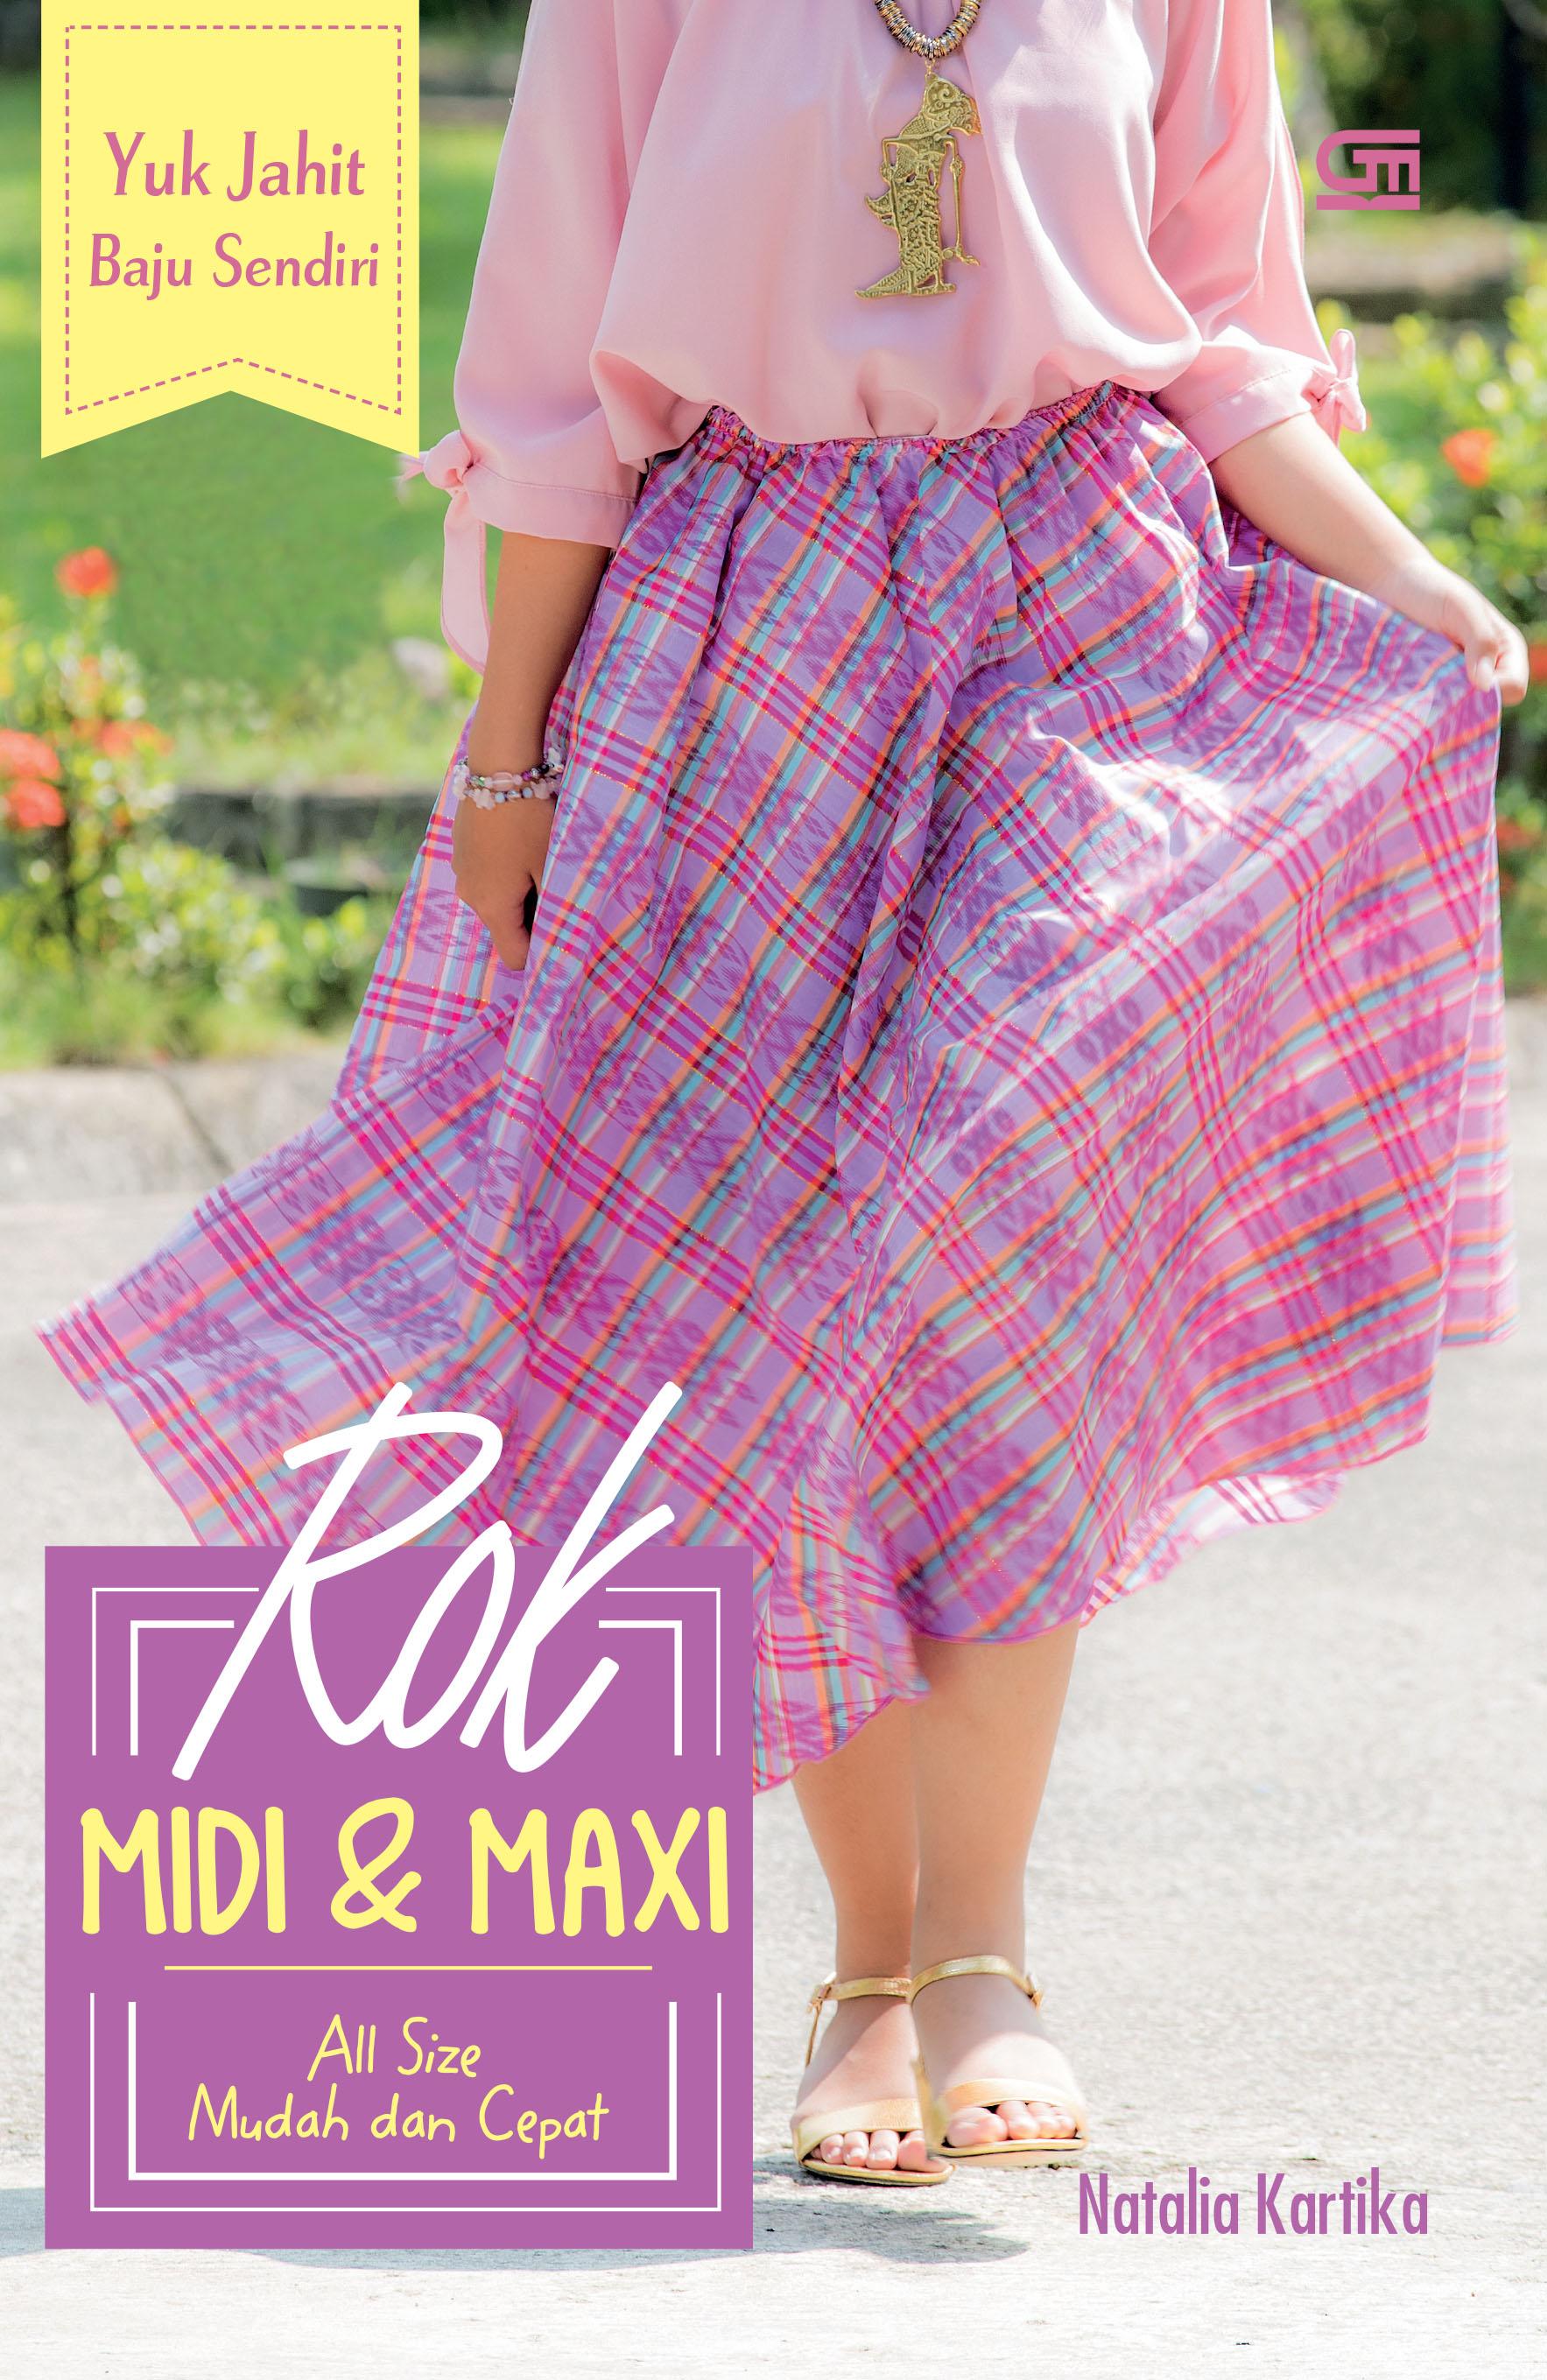 Yuk Jahit Baju Sendiri: Rok Midi & Maxi